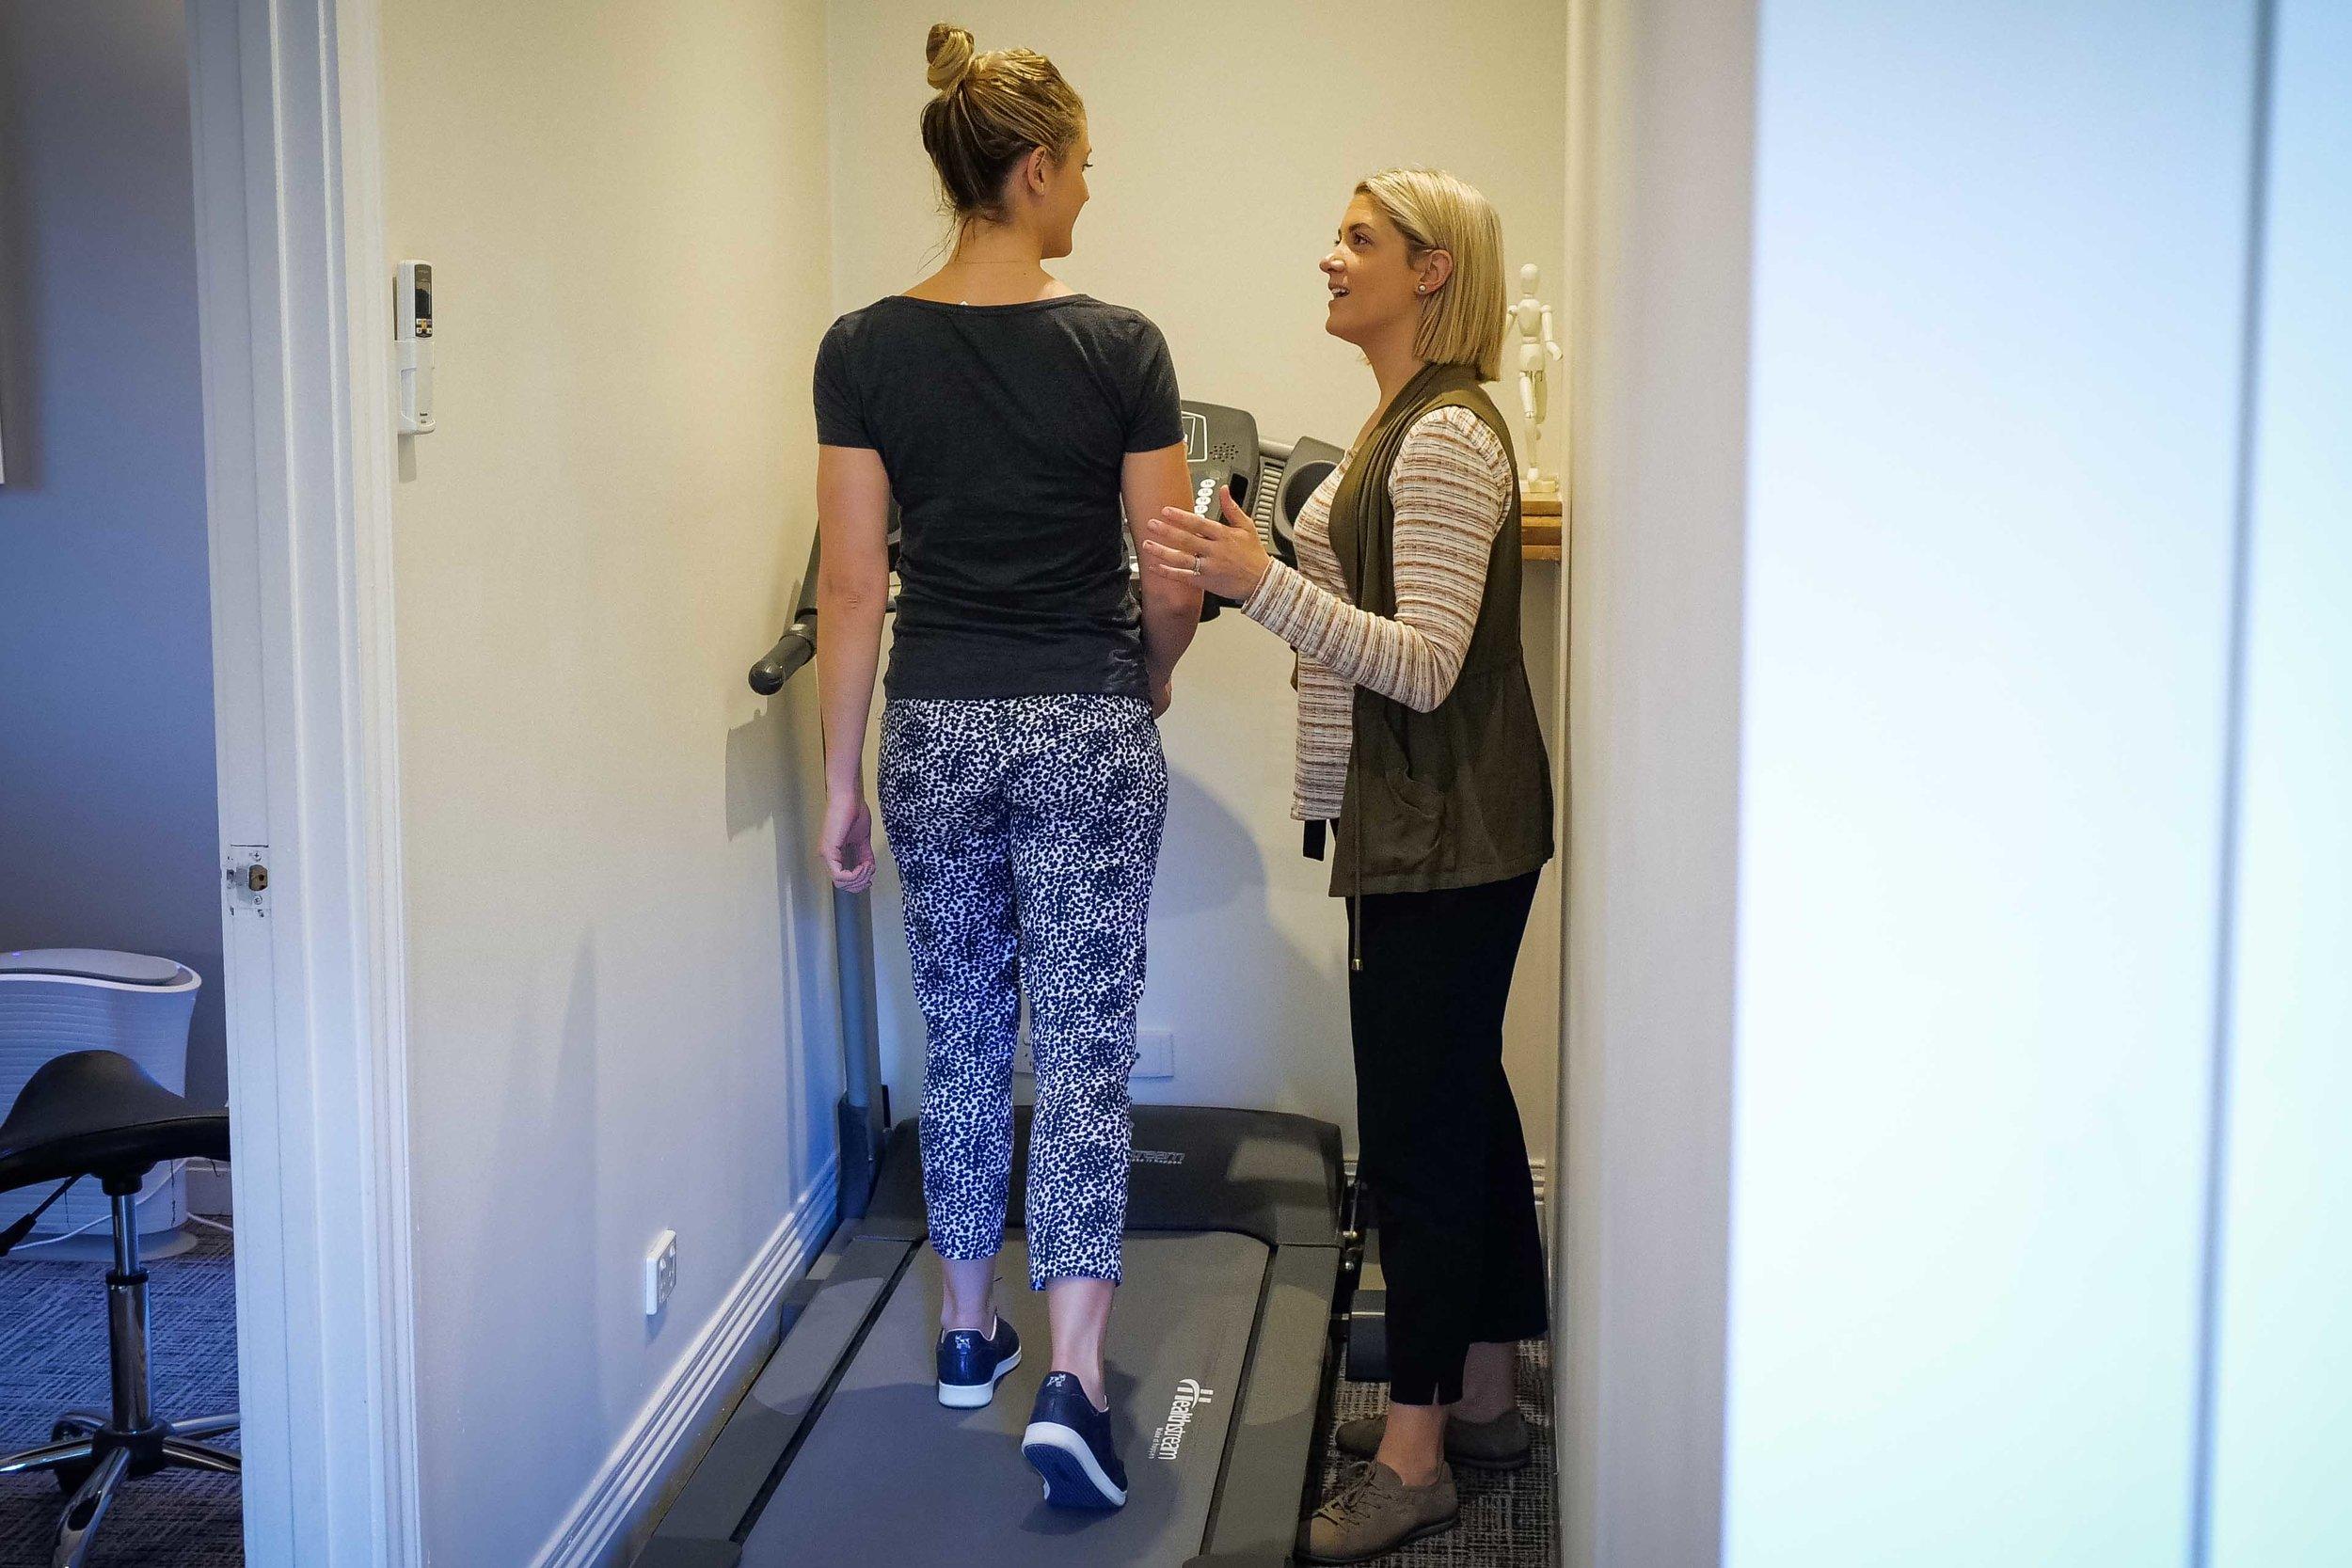 Podiatry Treadmill